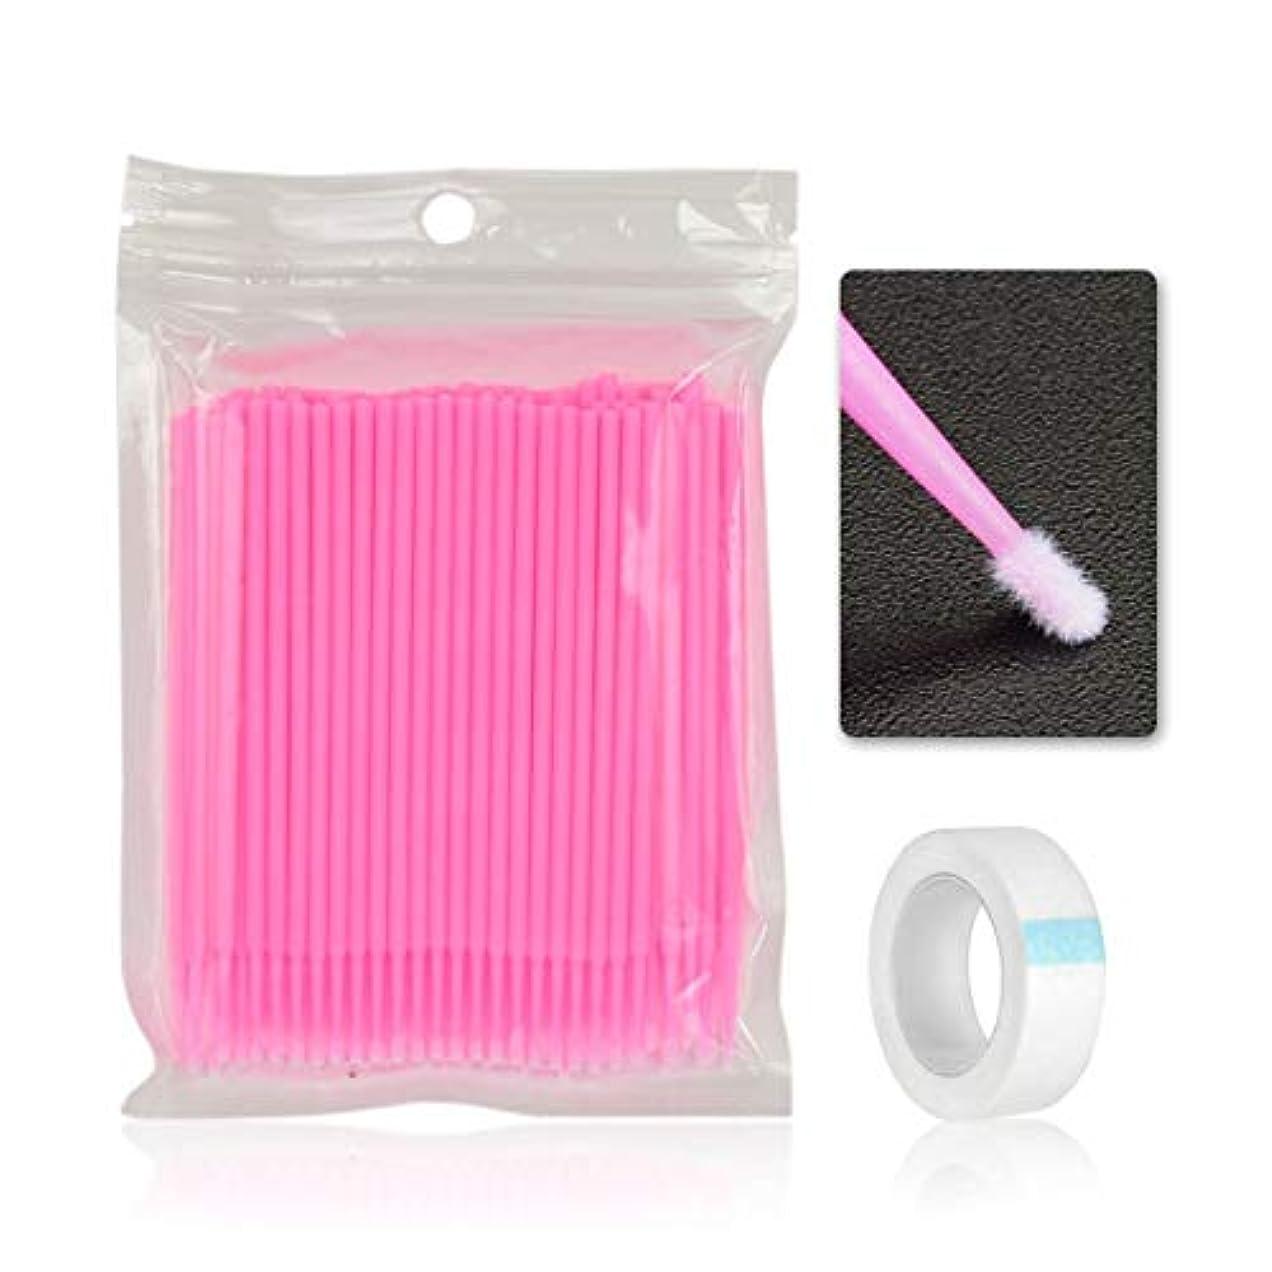 100ピースクリーニングスティック綿棒ラッシュブラシ使い捨て材料歯アプリケーター唇まつげブラシまつげプラスター (Panda)